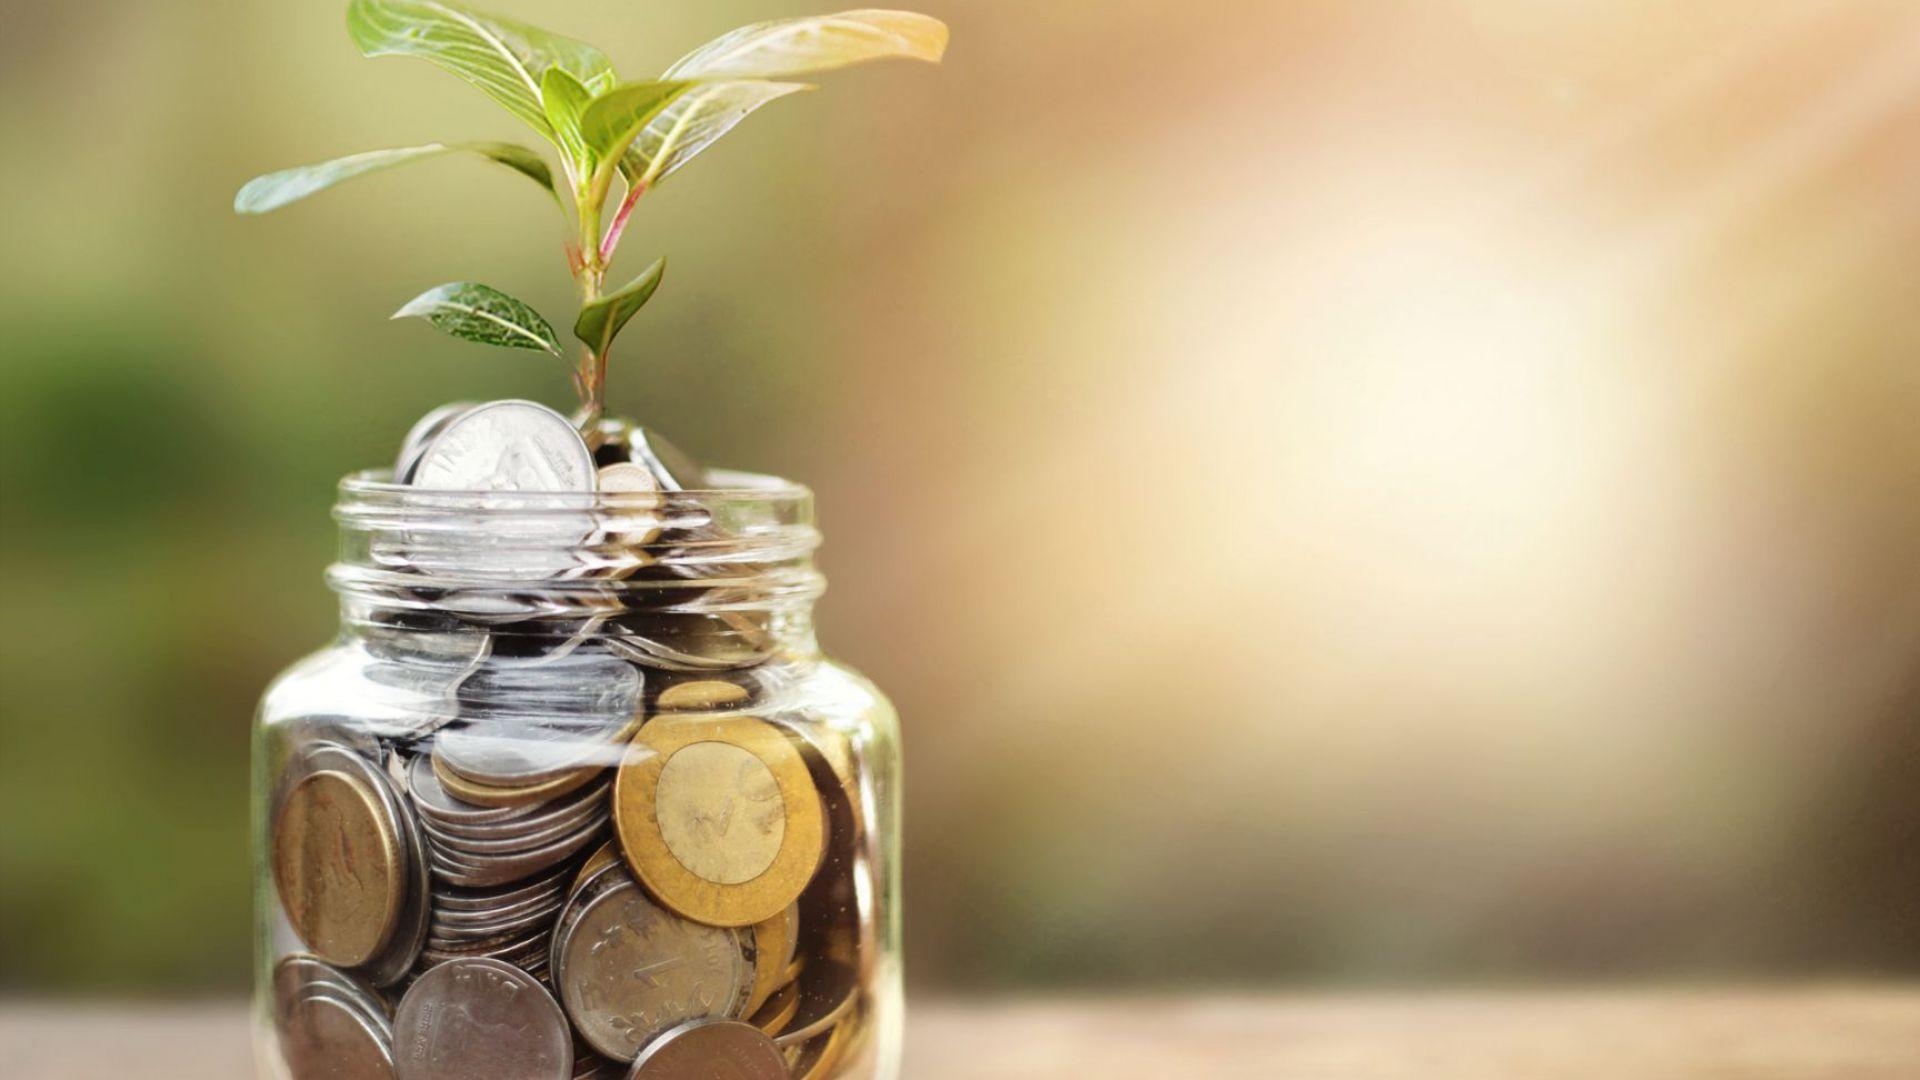 Над 230 хил. бъдещи пенсионери са сменили фонда си за втора пенсия през 2020 г.